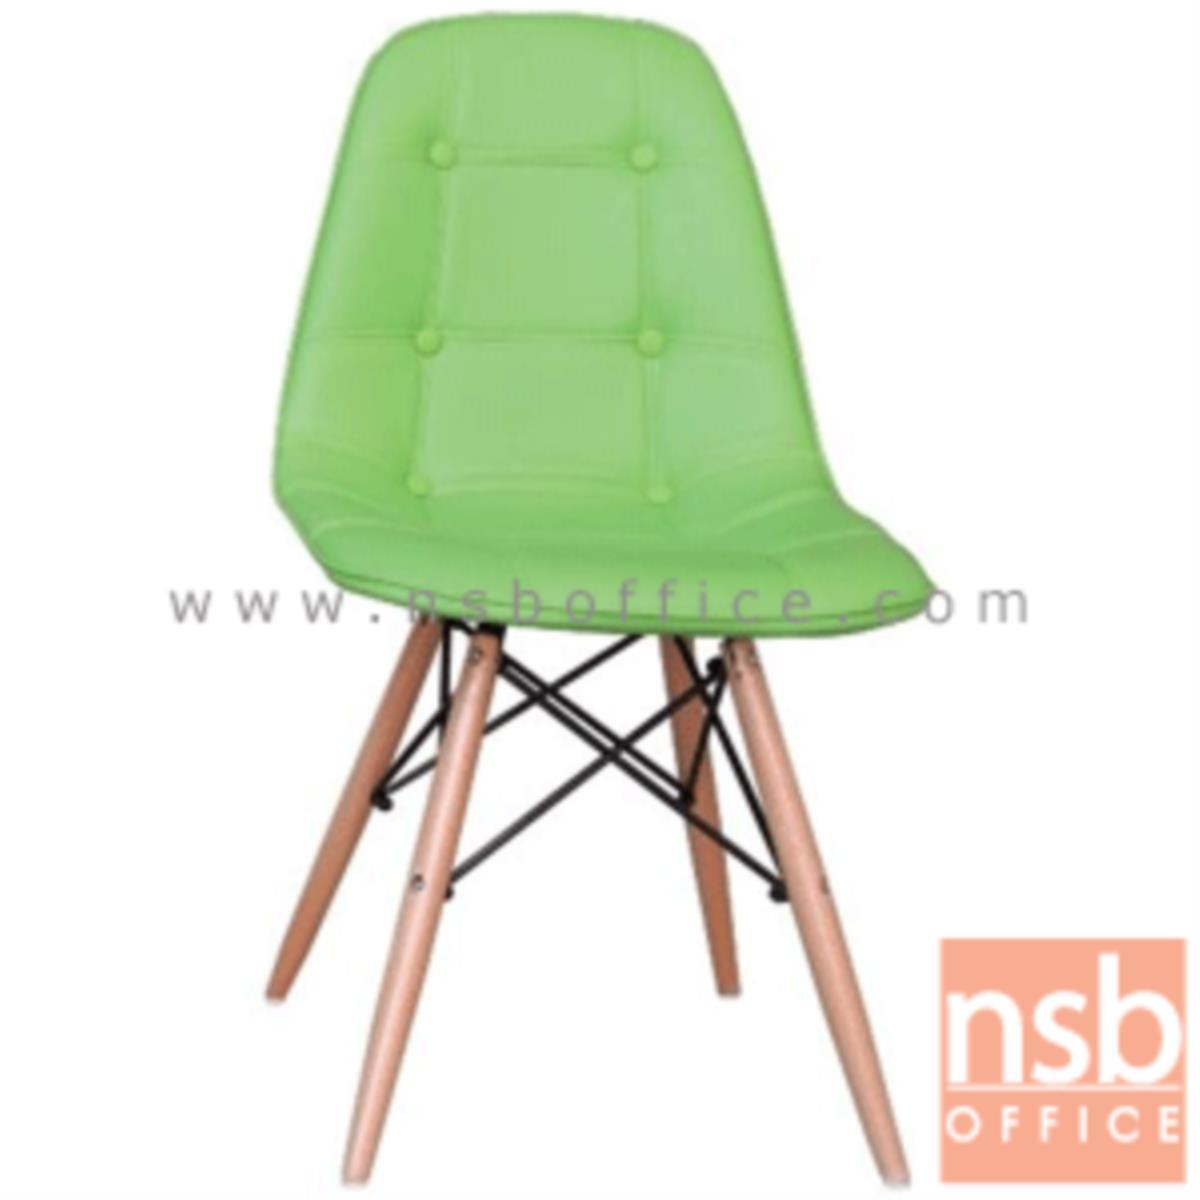 เก้าอี้โมเดิร์นหนังเทียม รุ่น FN-MST-0661 ขนาด 45W cm. โครงเหล็กเส้นพ่นดำ ขาไม้สีบีช